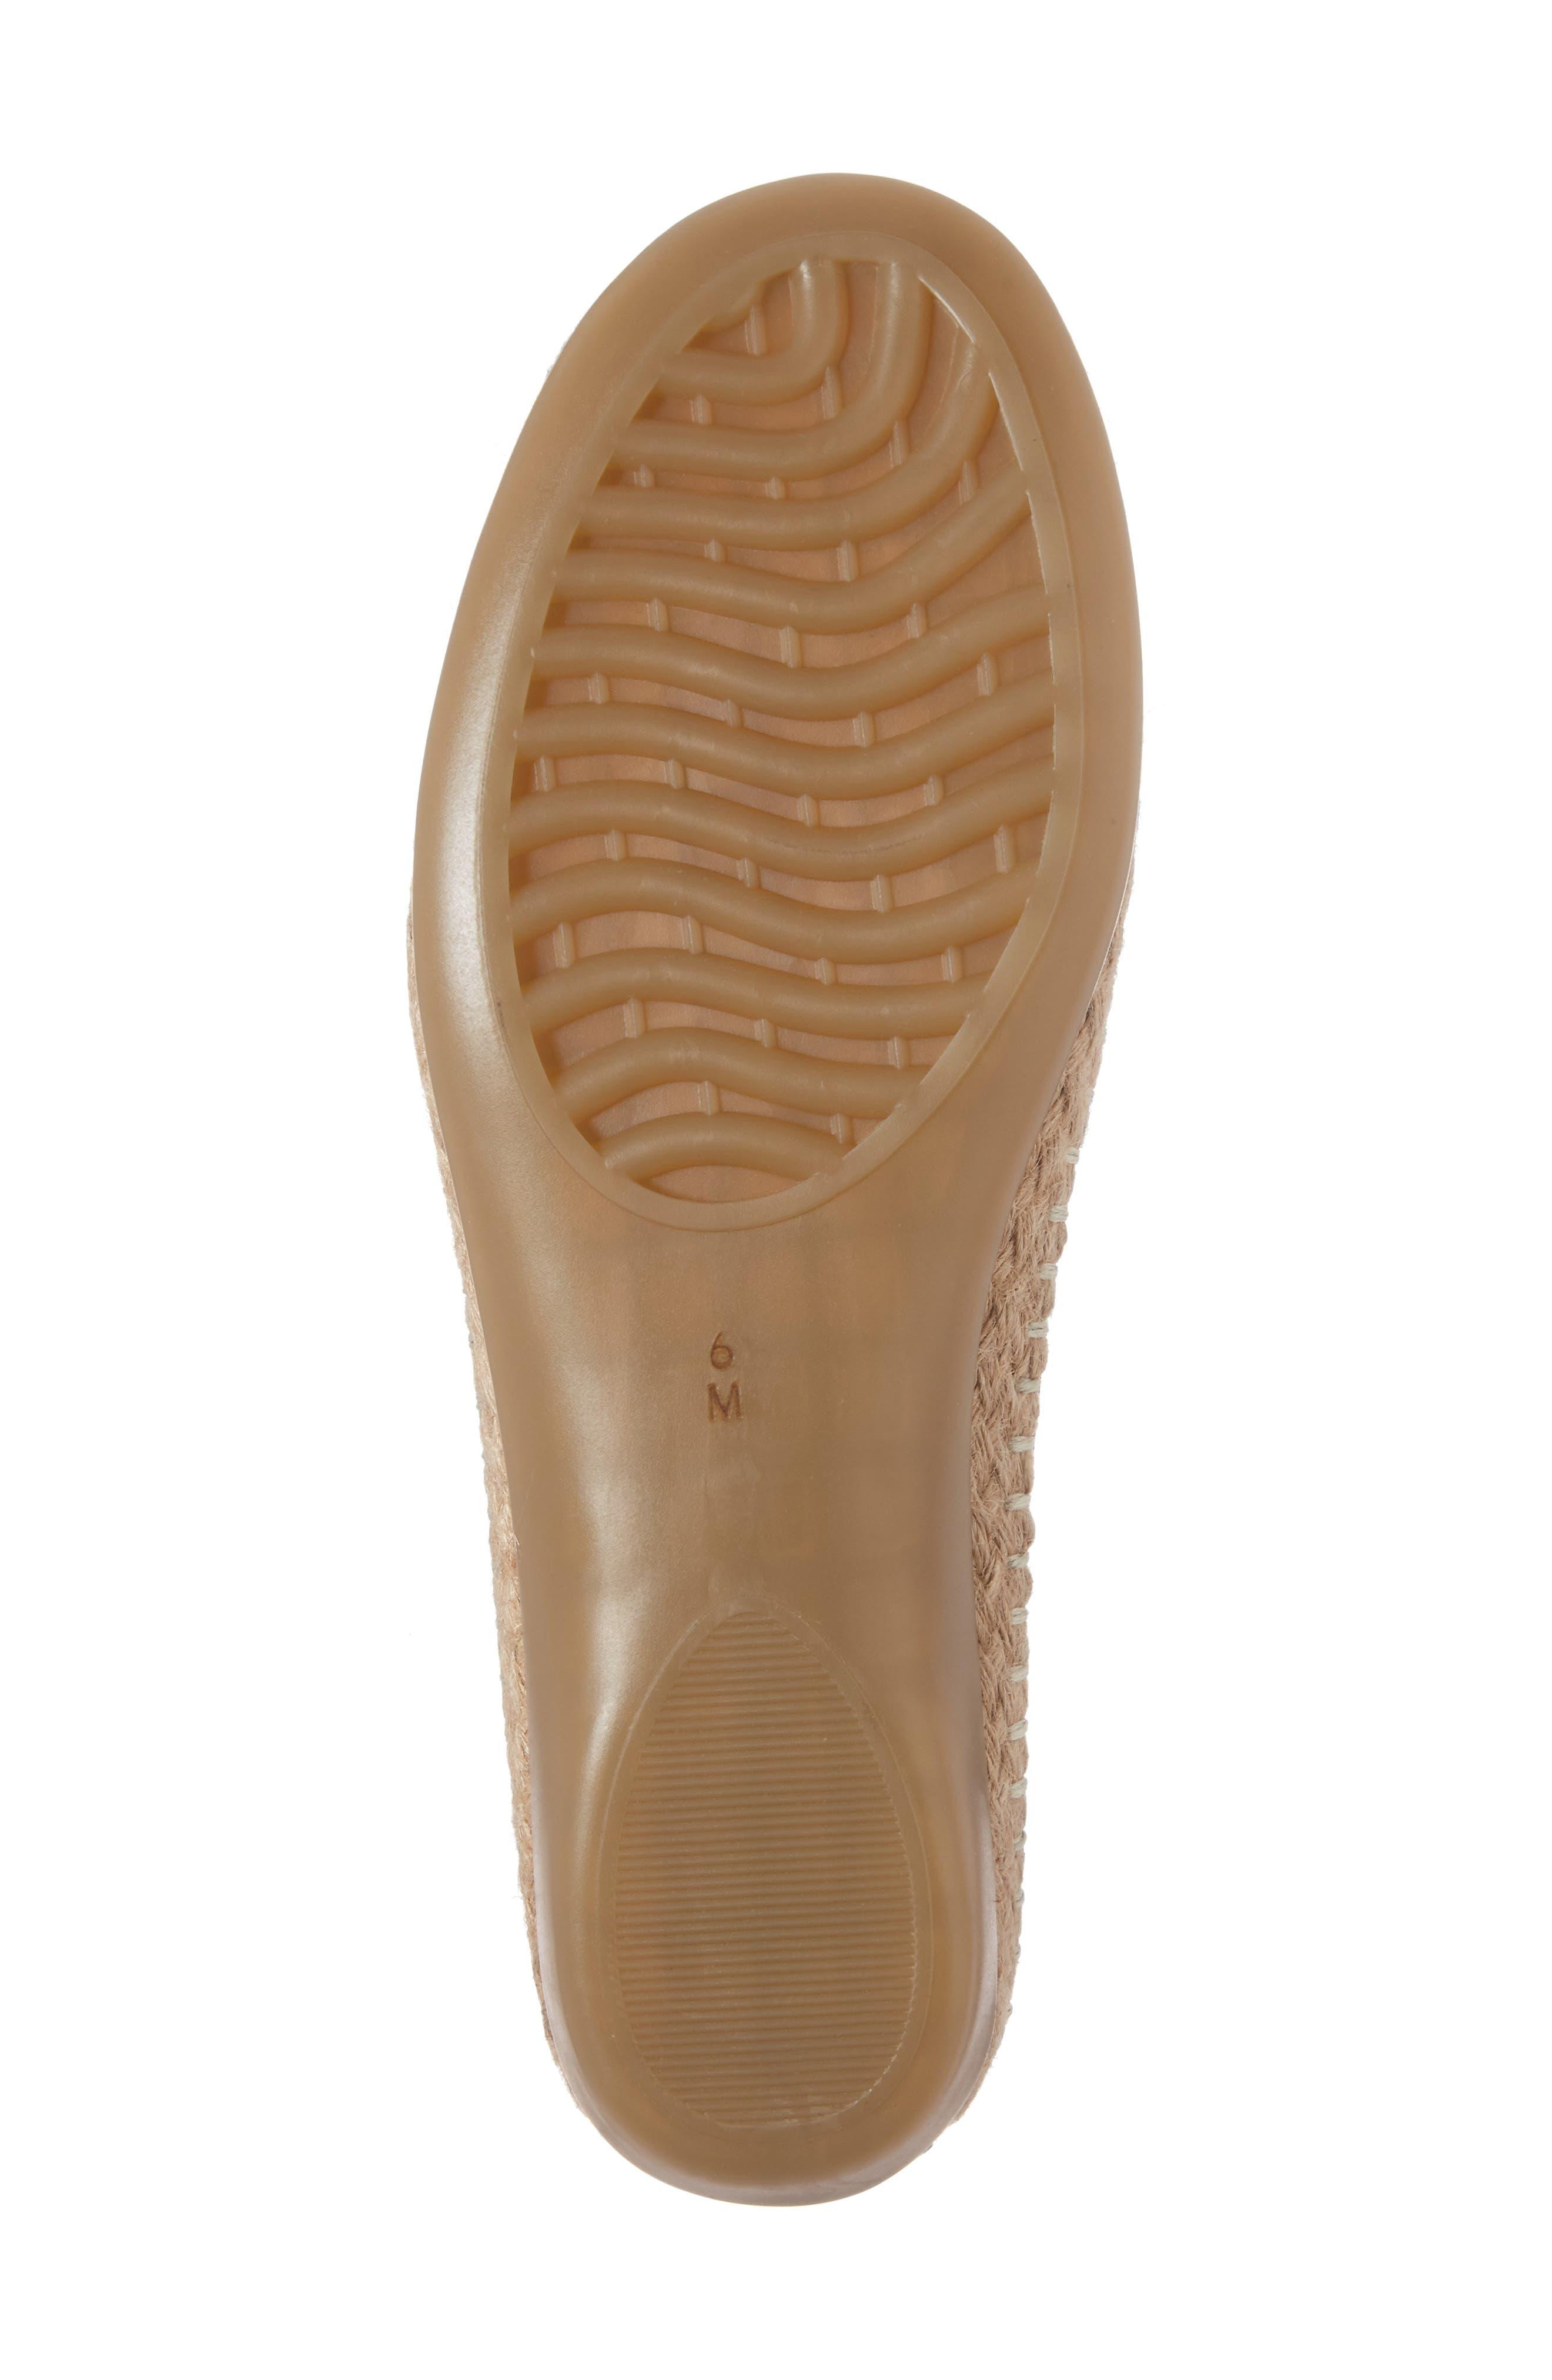 Nadette Espadrille Loafer Flat,                             Alternate thumbnail 6, color,                             001